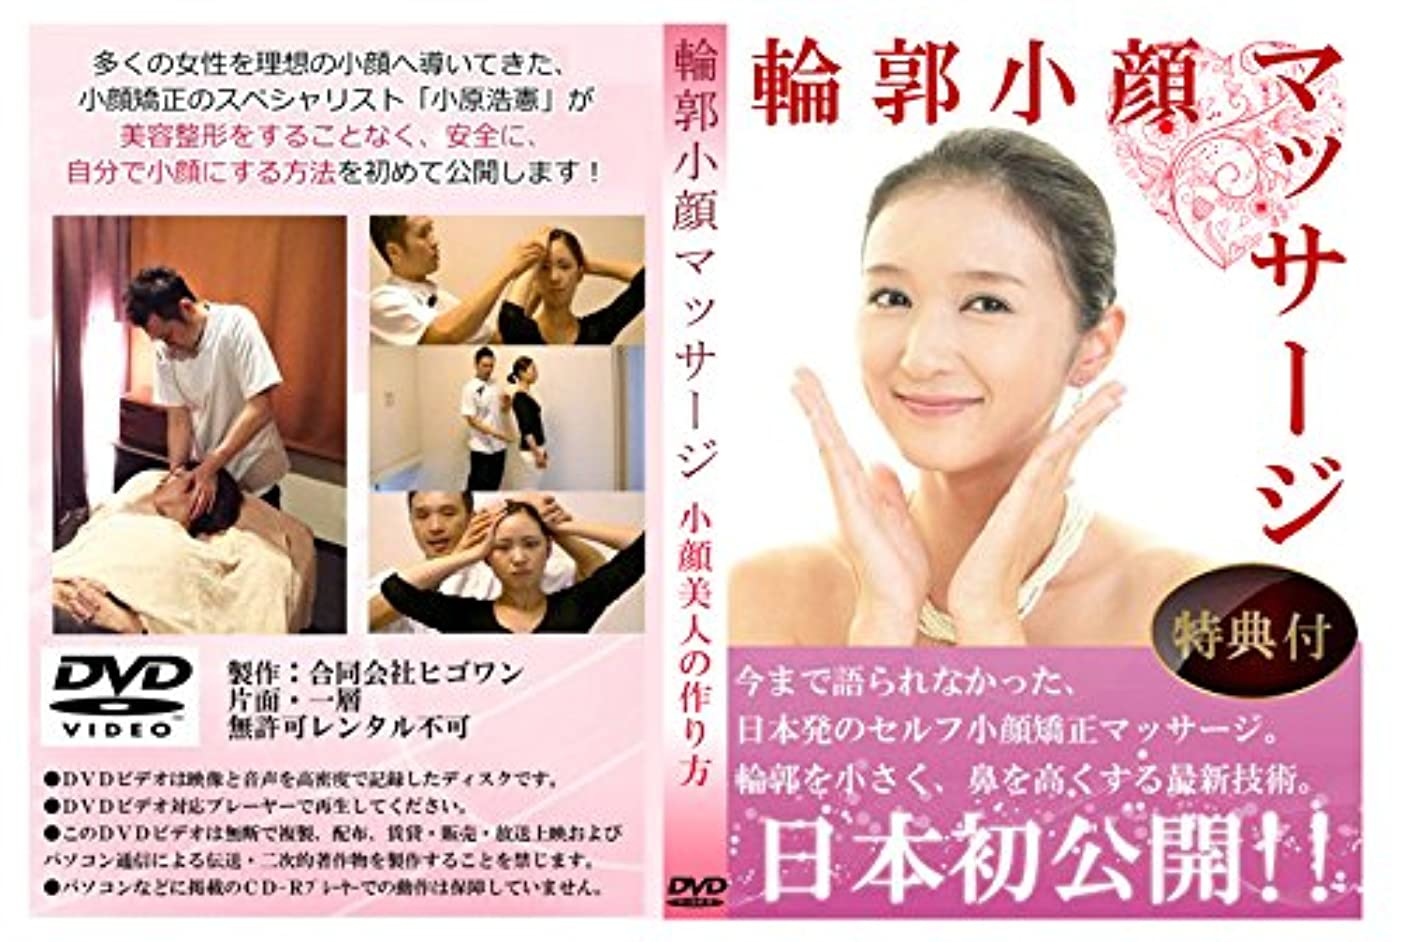 決定する叫び声歌う今まで語られることが無かった日本発の極秘の小顔法【輪郭小顔マッサージ】DVD